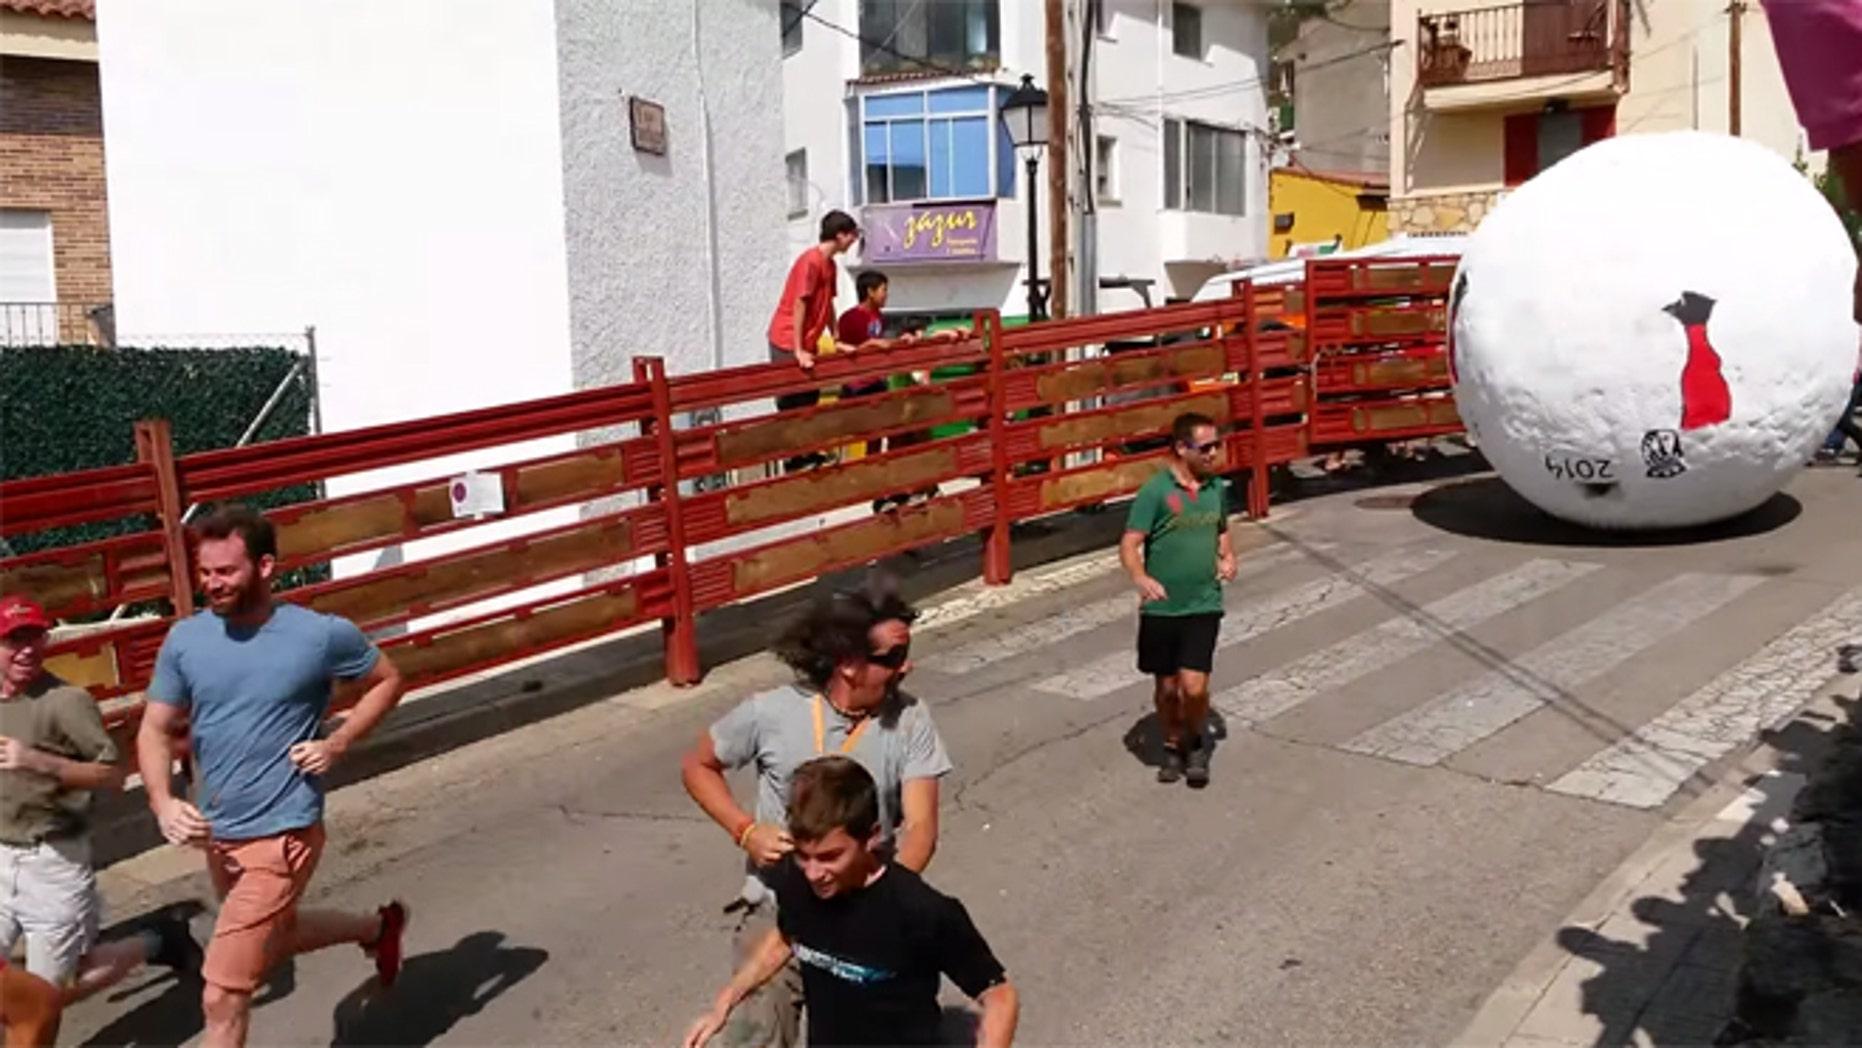 The Running of the Balls in Mataelpino, Spain. (Photo: Via YouTube)